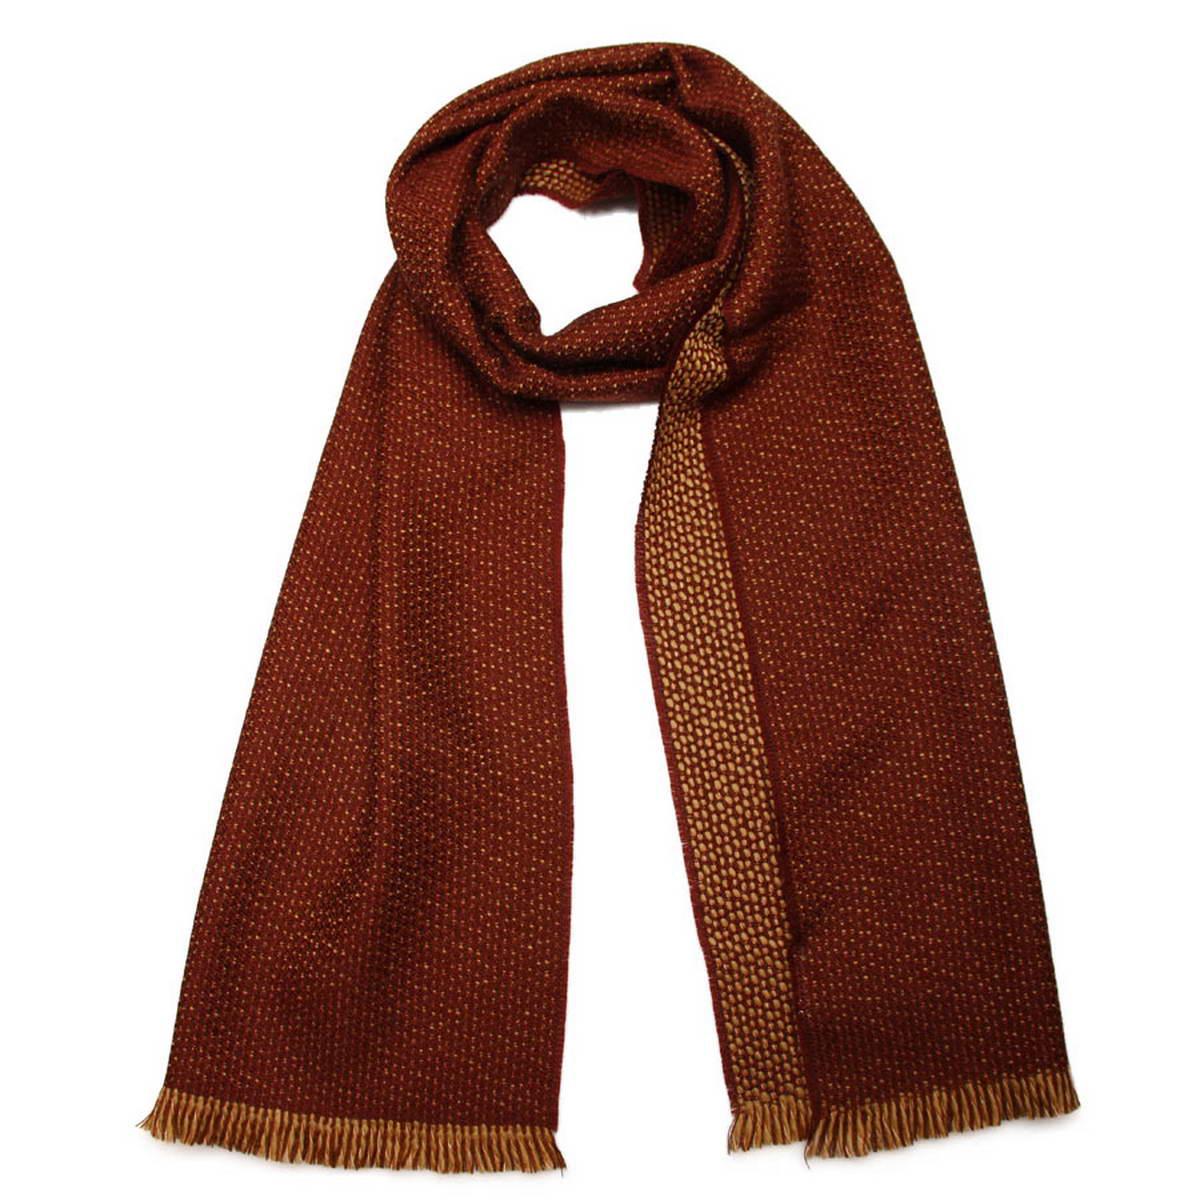 Шарф5001632-5Стильный мужской шерстяной шарф Venera создан подчеркнуть ваш неординарный вкус и согреть вас в прохладное время года. Модель отличается двухцветным фактурным выполнением. Два схожих оттенка отлично дополняют друг друга, поэтому аксессуар будет прекрасно завершать любой мужской образ. Края шарфа декорированы короткой бахромой. Этот модный аксессуар не только согреет вас в холодное время года, но гармонично дополнит ваш образ.